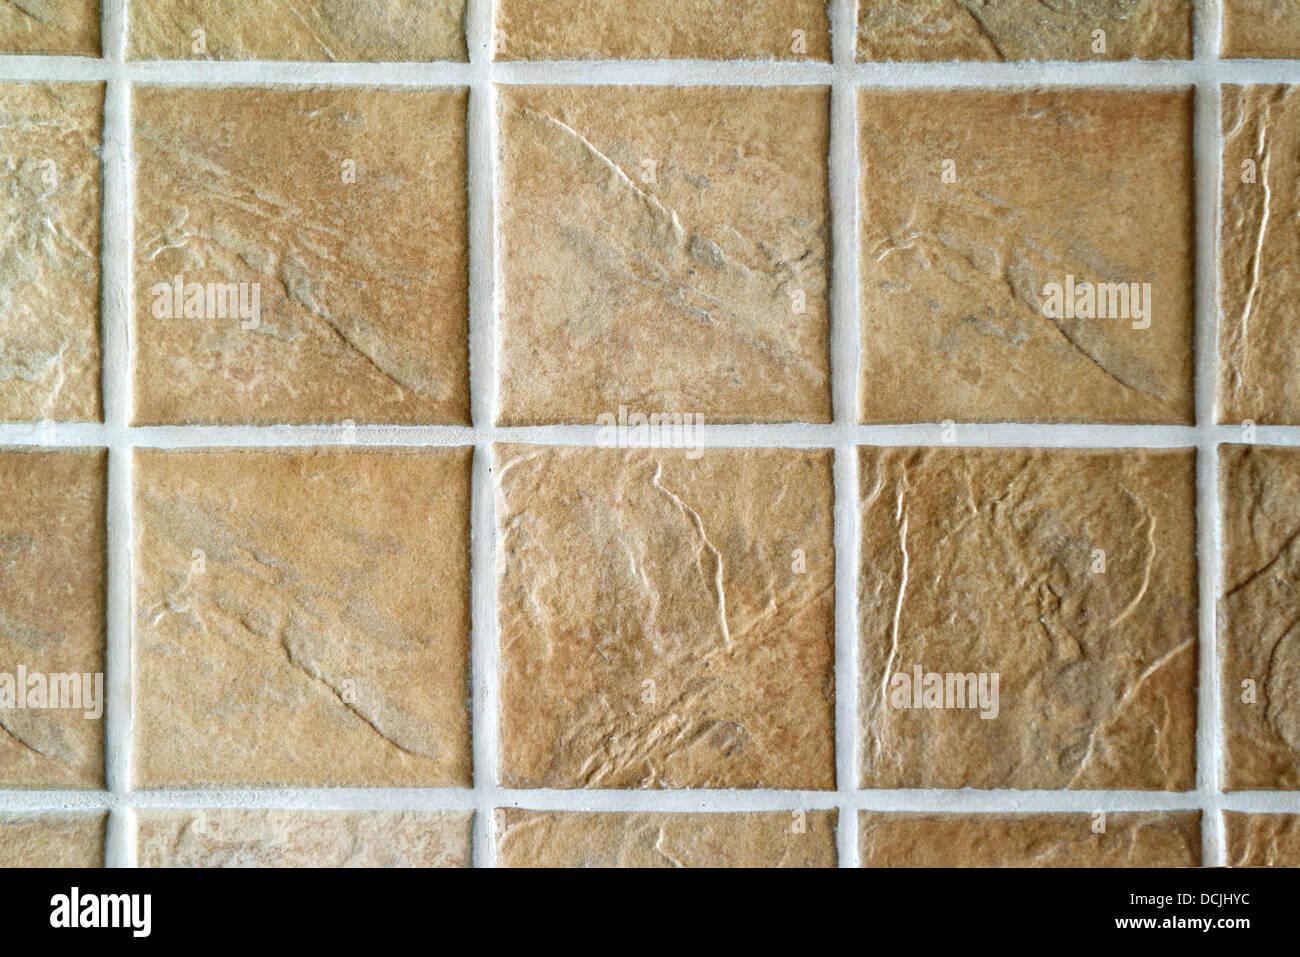 Ceramic tiles beige mosaic ceramic tiles for wall or floor stock ceramic tiles beige mosaic ceramic tiles for wall or floor dailygadgetfo Images